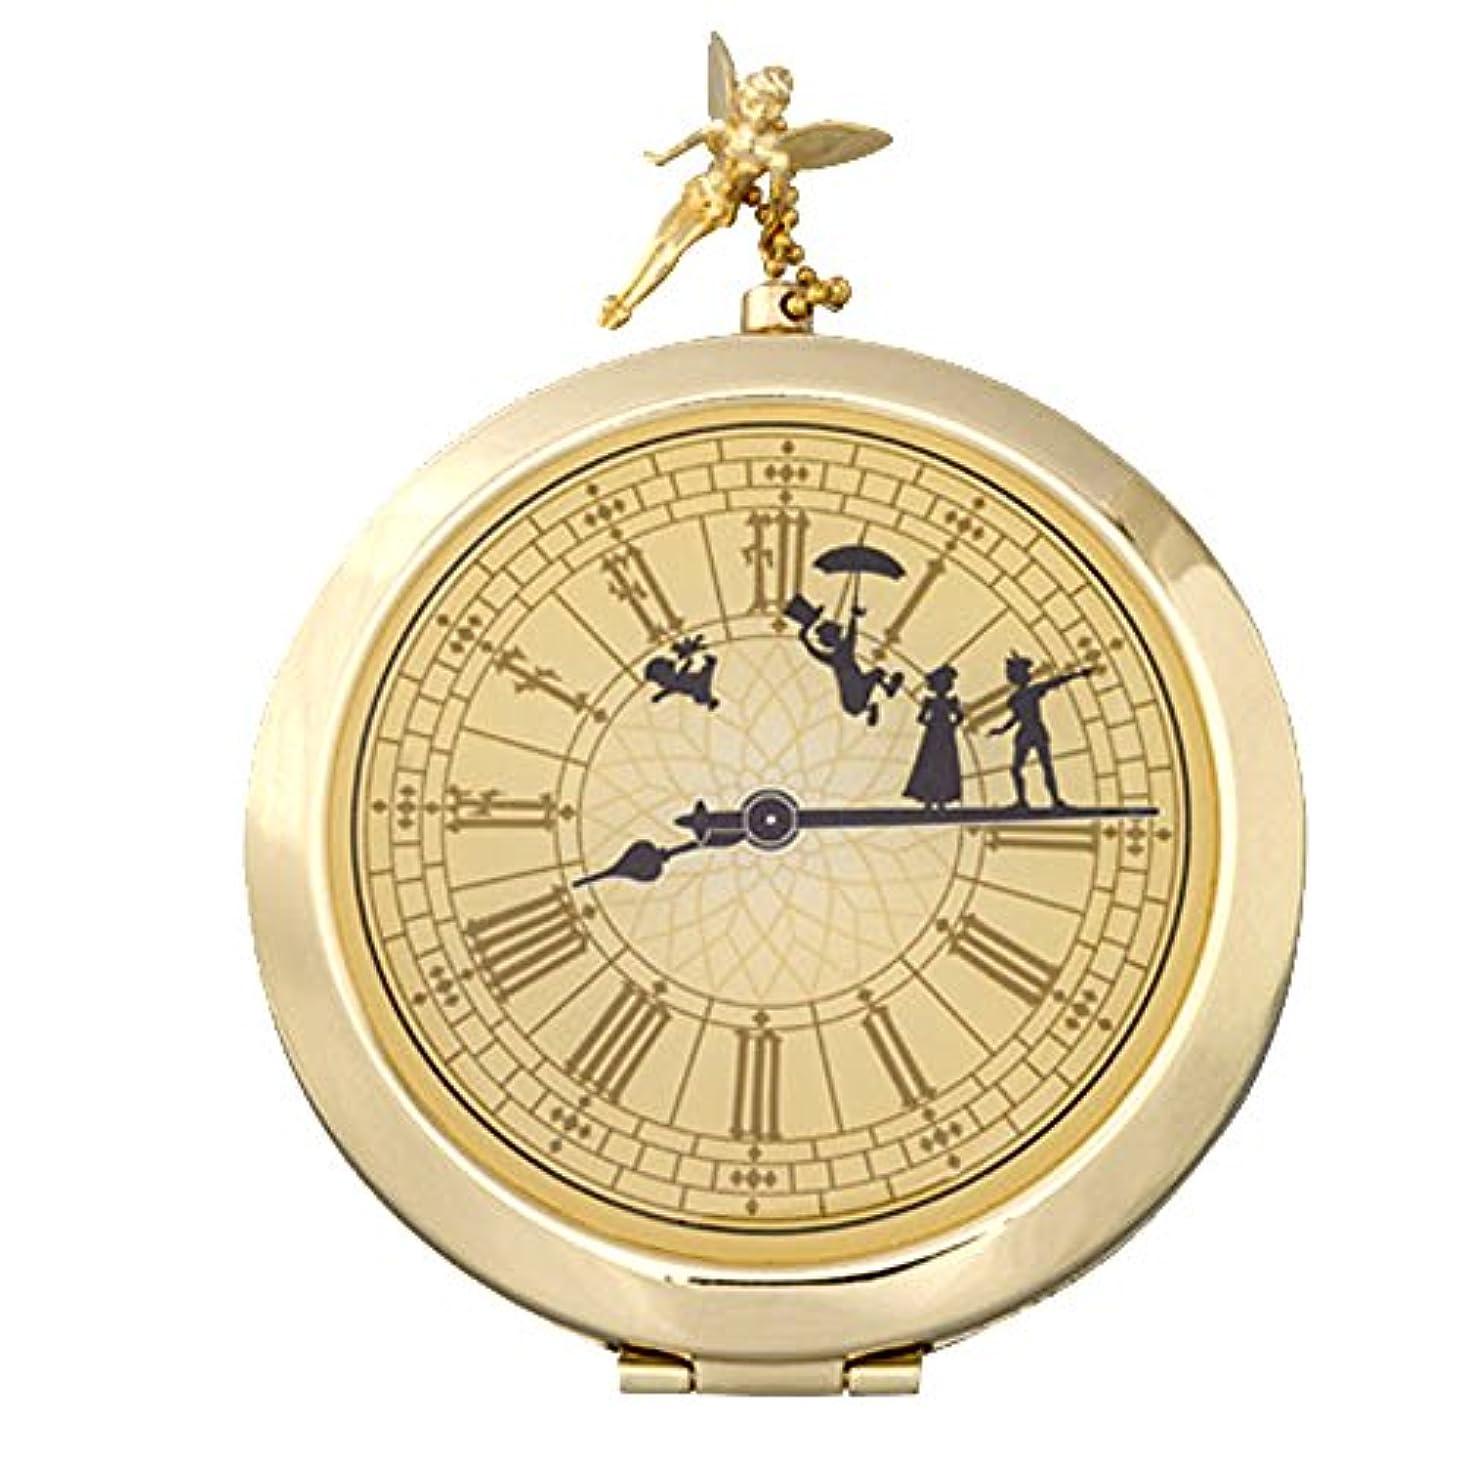 平衡器用厚くする12/1~ ピーターパン コンパクト 式 ミラー 鏡 時計型 アンティーク ディズニー ティンカーベル 他 メイク 用品 ( ディズニーランド限定 )